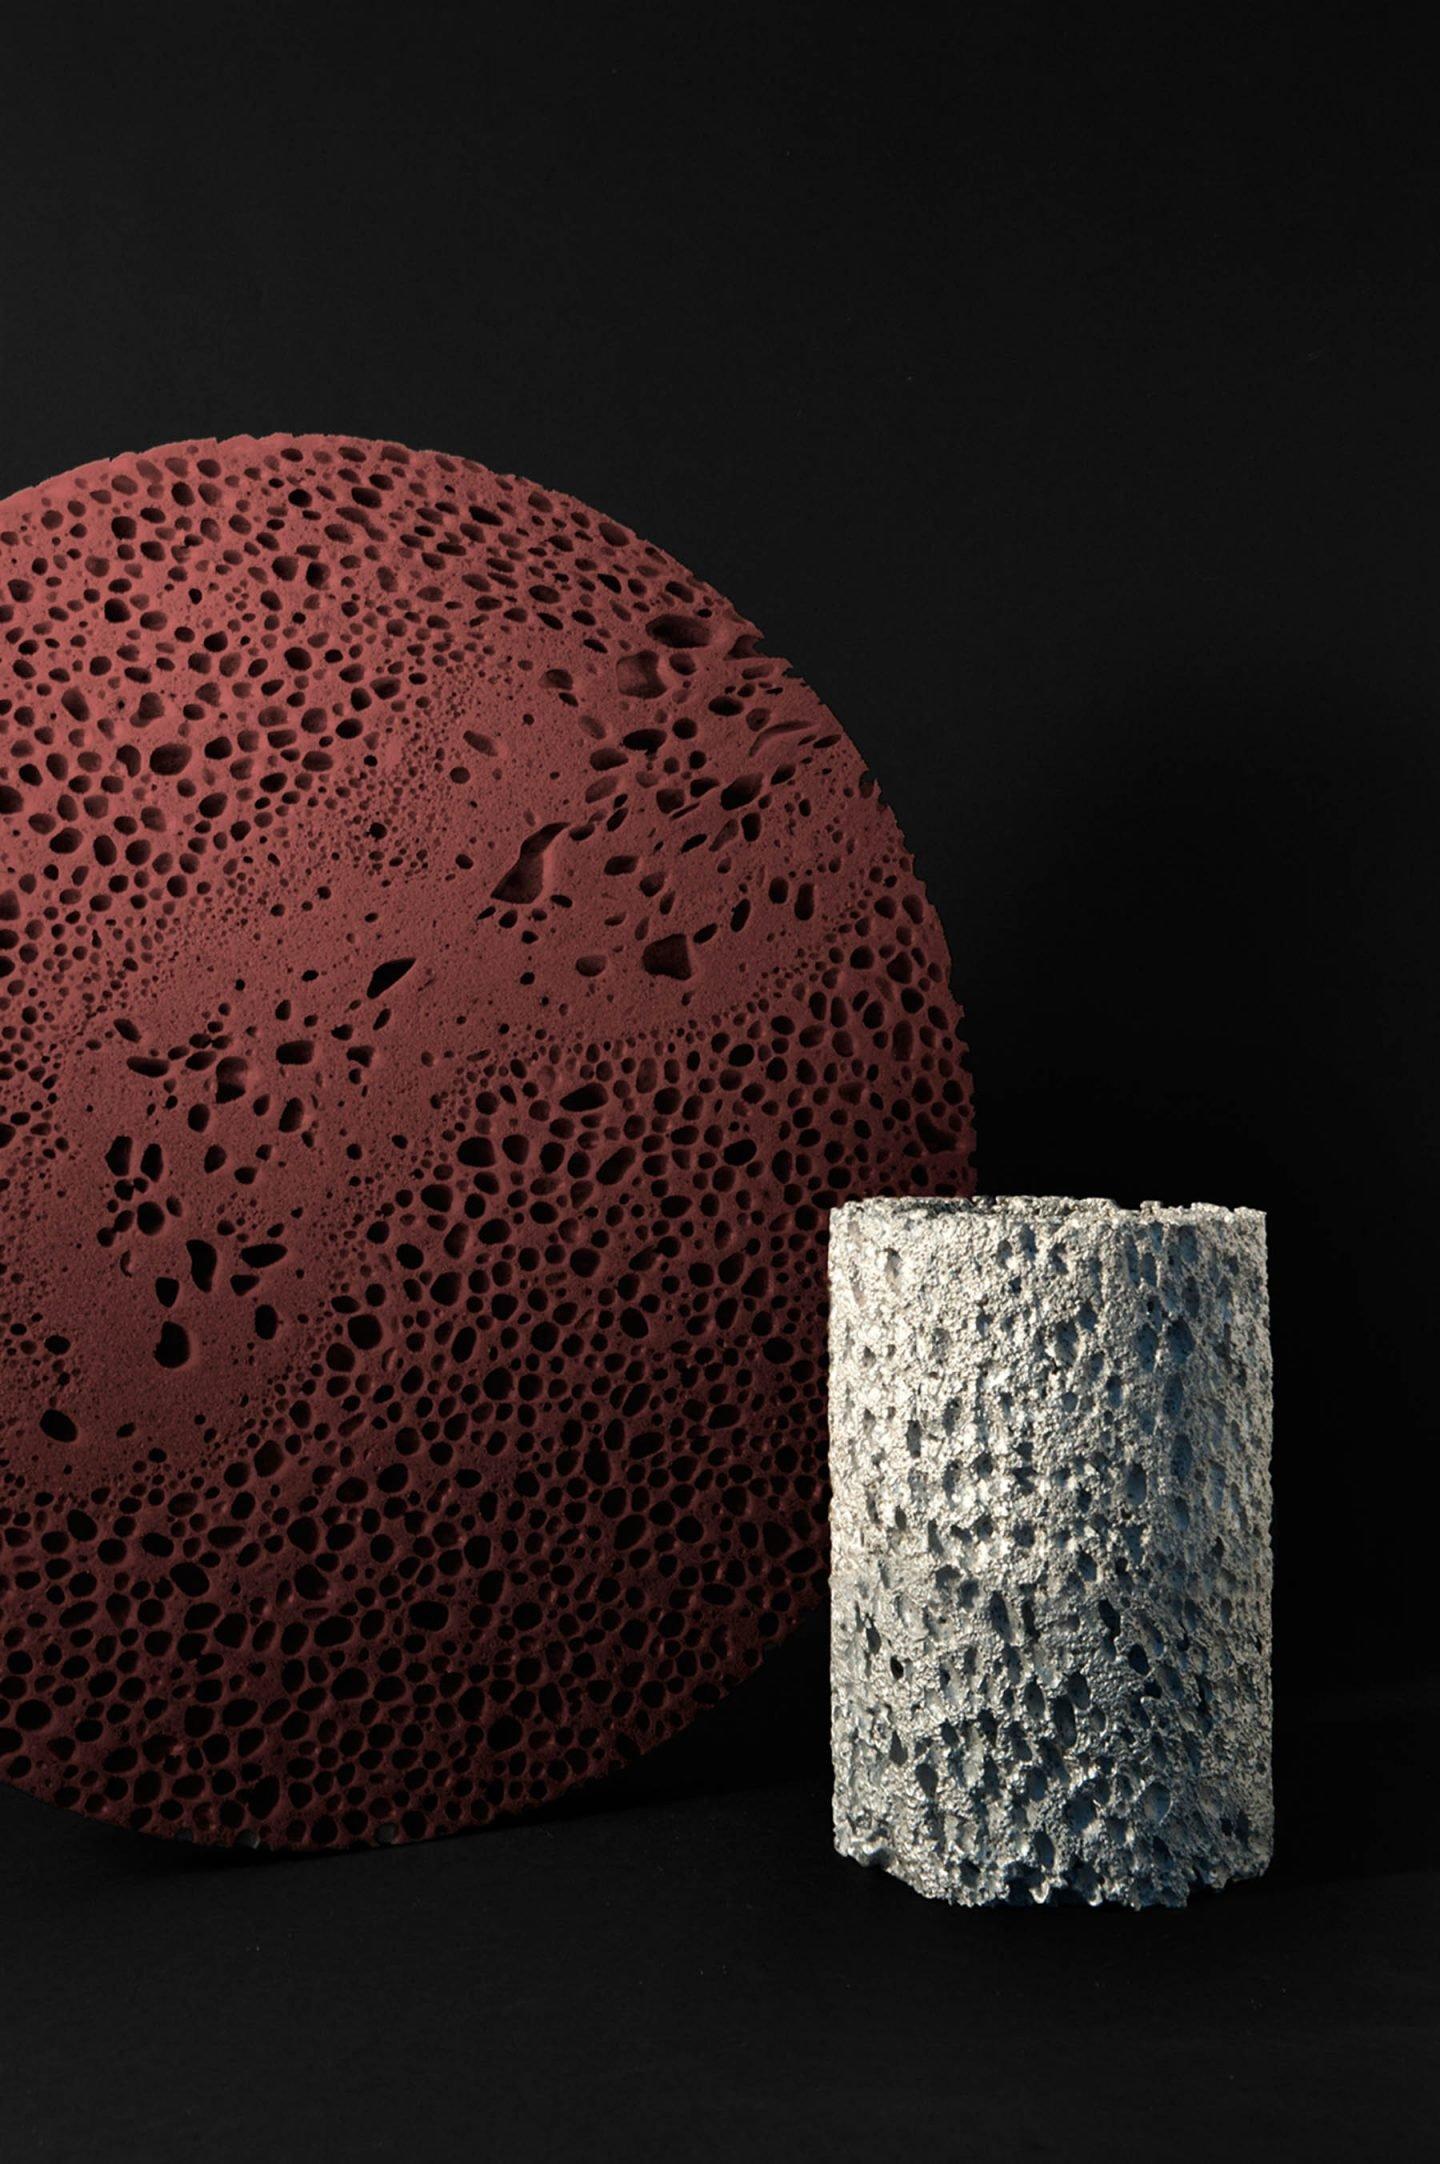 iGNANT-Design-Studio-Furthermore-Foam-009